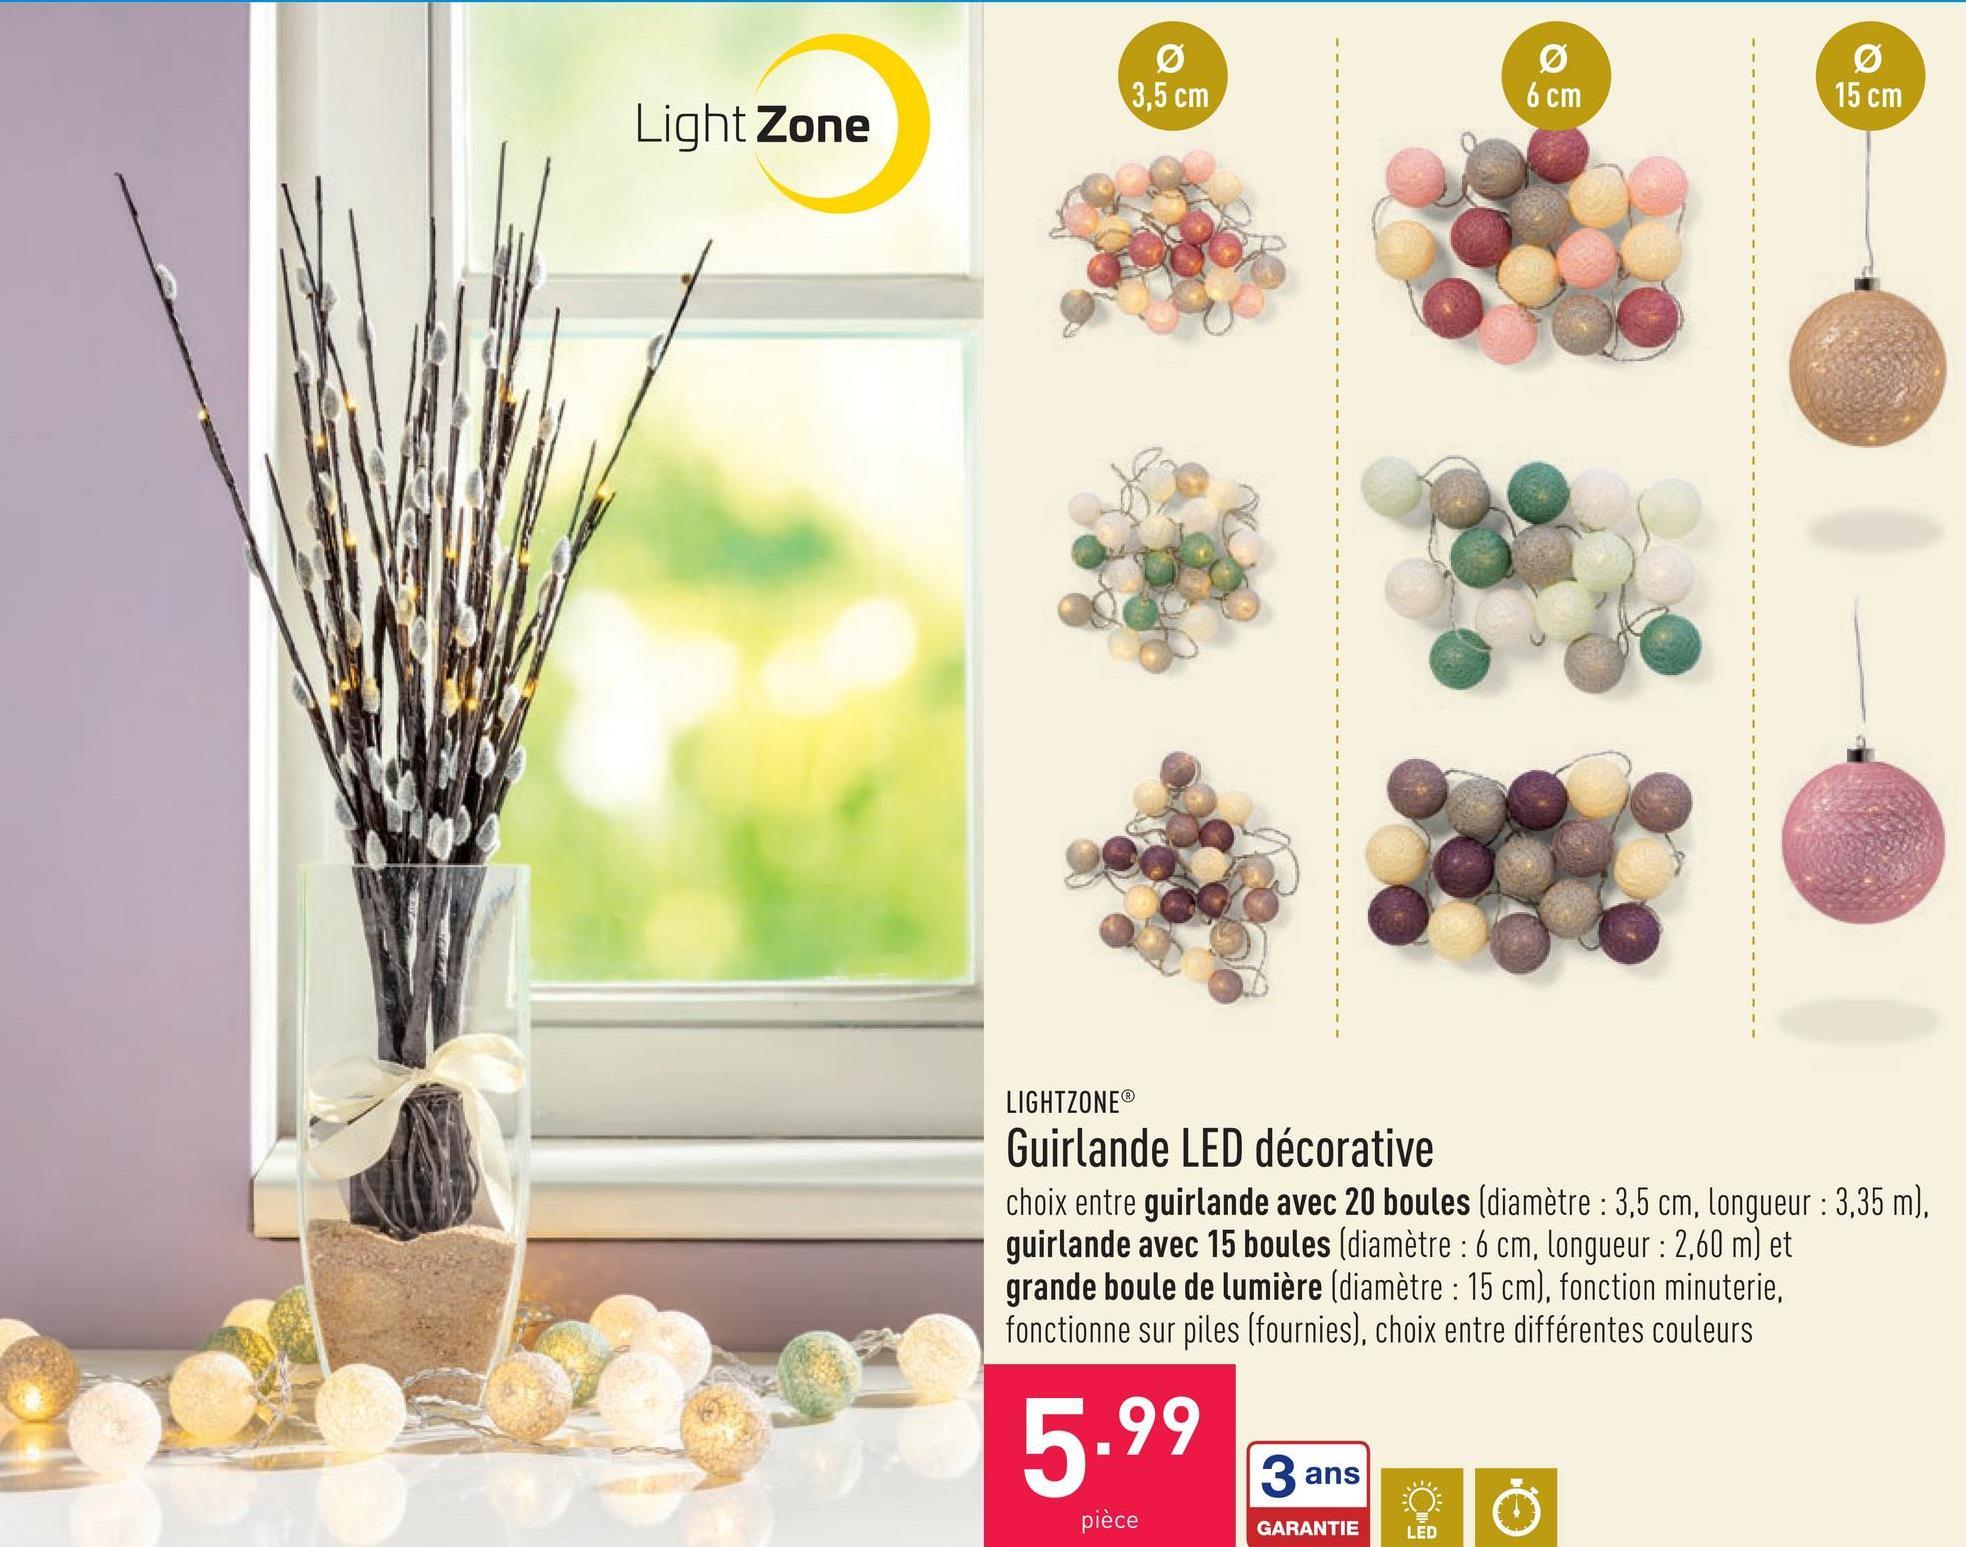 Guirlande LED décorative guirlande comprenant des LEDs et des boules en coton, choix entre guirlande avec 15 boules (diamètre : 6 cm, longueur : 2,60 m) et guirlande avec 20 boules (diamètre : 3,5 cm, longueur : 3,35 m), fonction minuterie, fonctionne sur piles (fournies), choix entre différentes combinaisons de couleurs